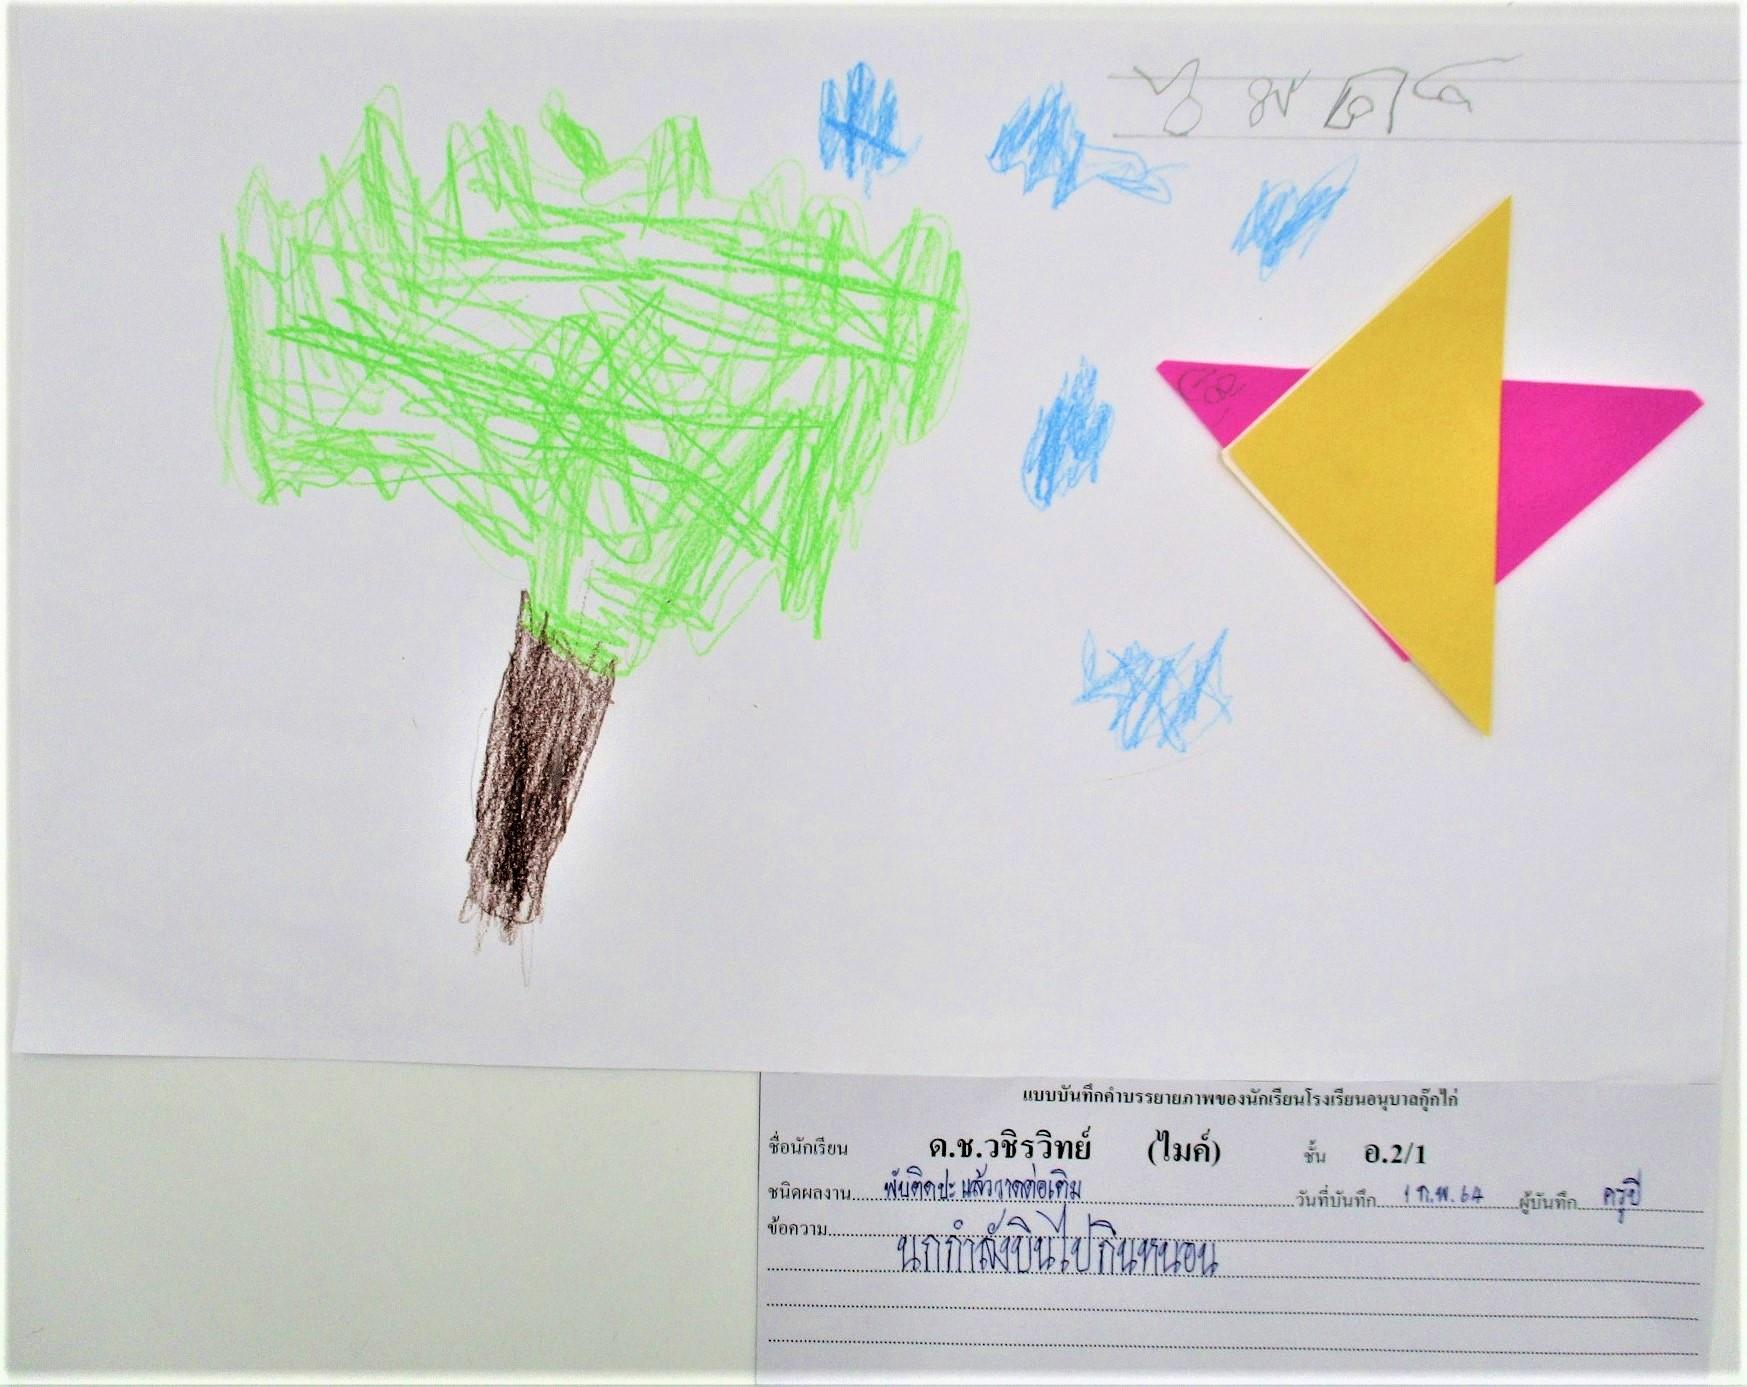 ผลงานเด็กหน่วย ธรรมชาติรอบตัว ชั้นอนุบาลปีที่ 2/1